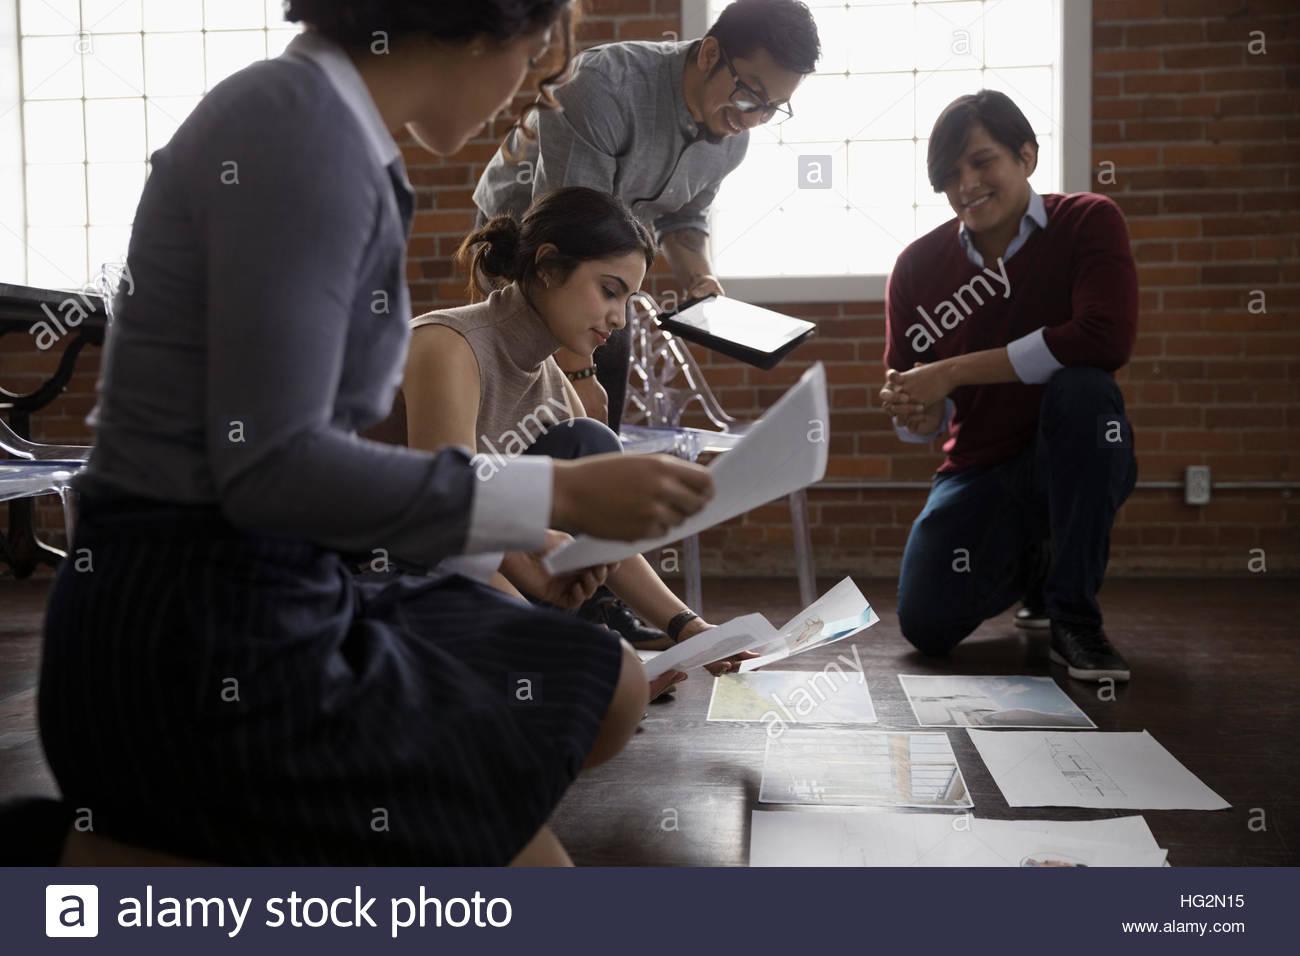 Les concepteurs d'origine hispanique et de réflexion réunion l'examen de preuves dans la salle Photo Stock